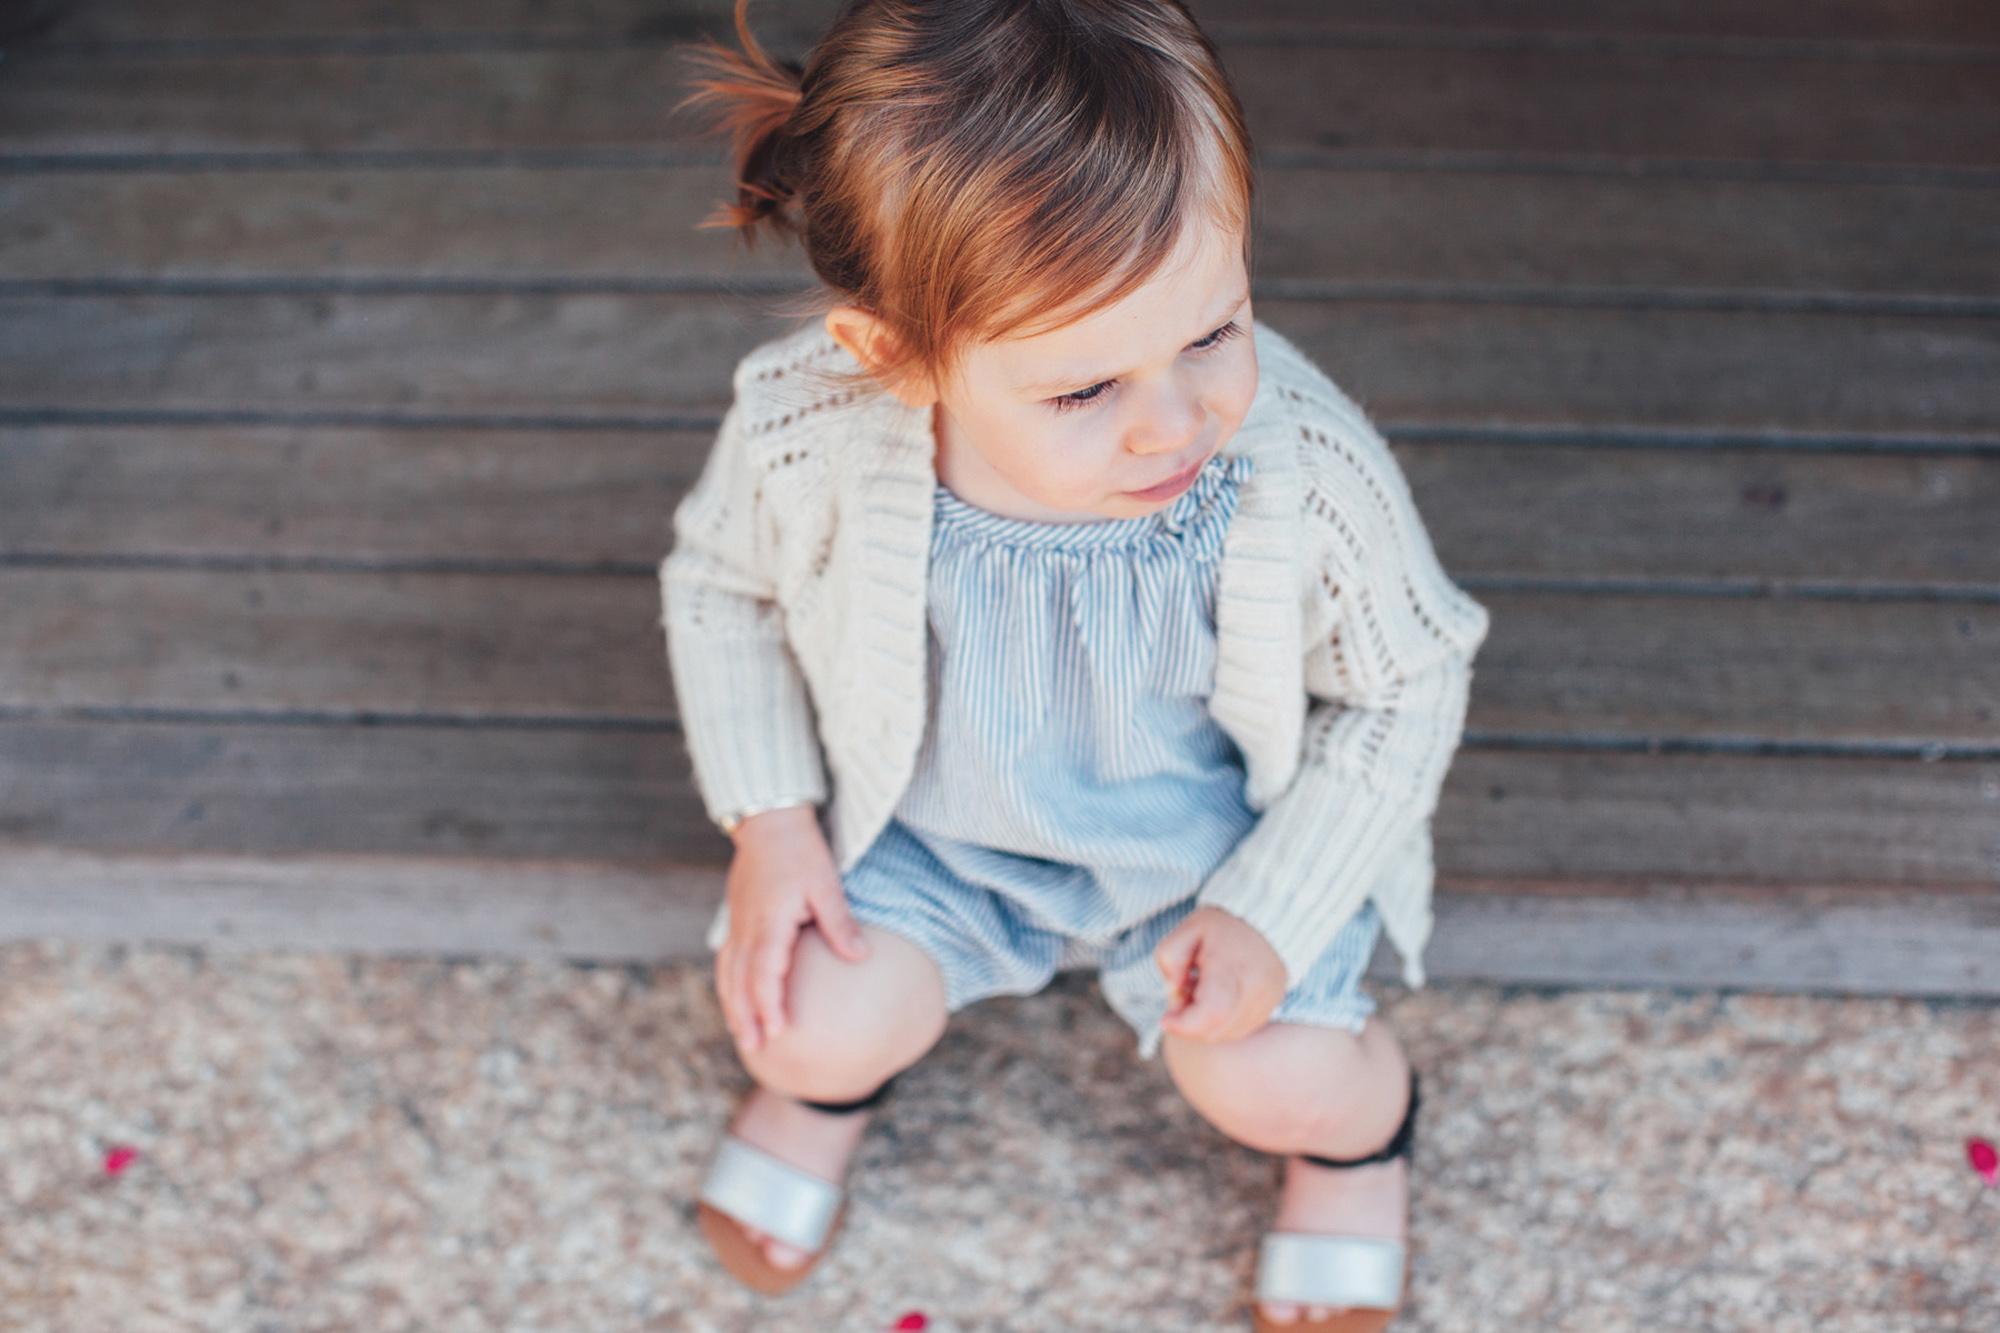 La Petite Peach_5 ways to grow your instagram 2